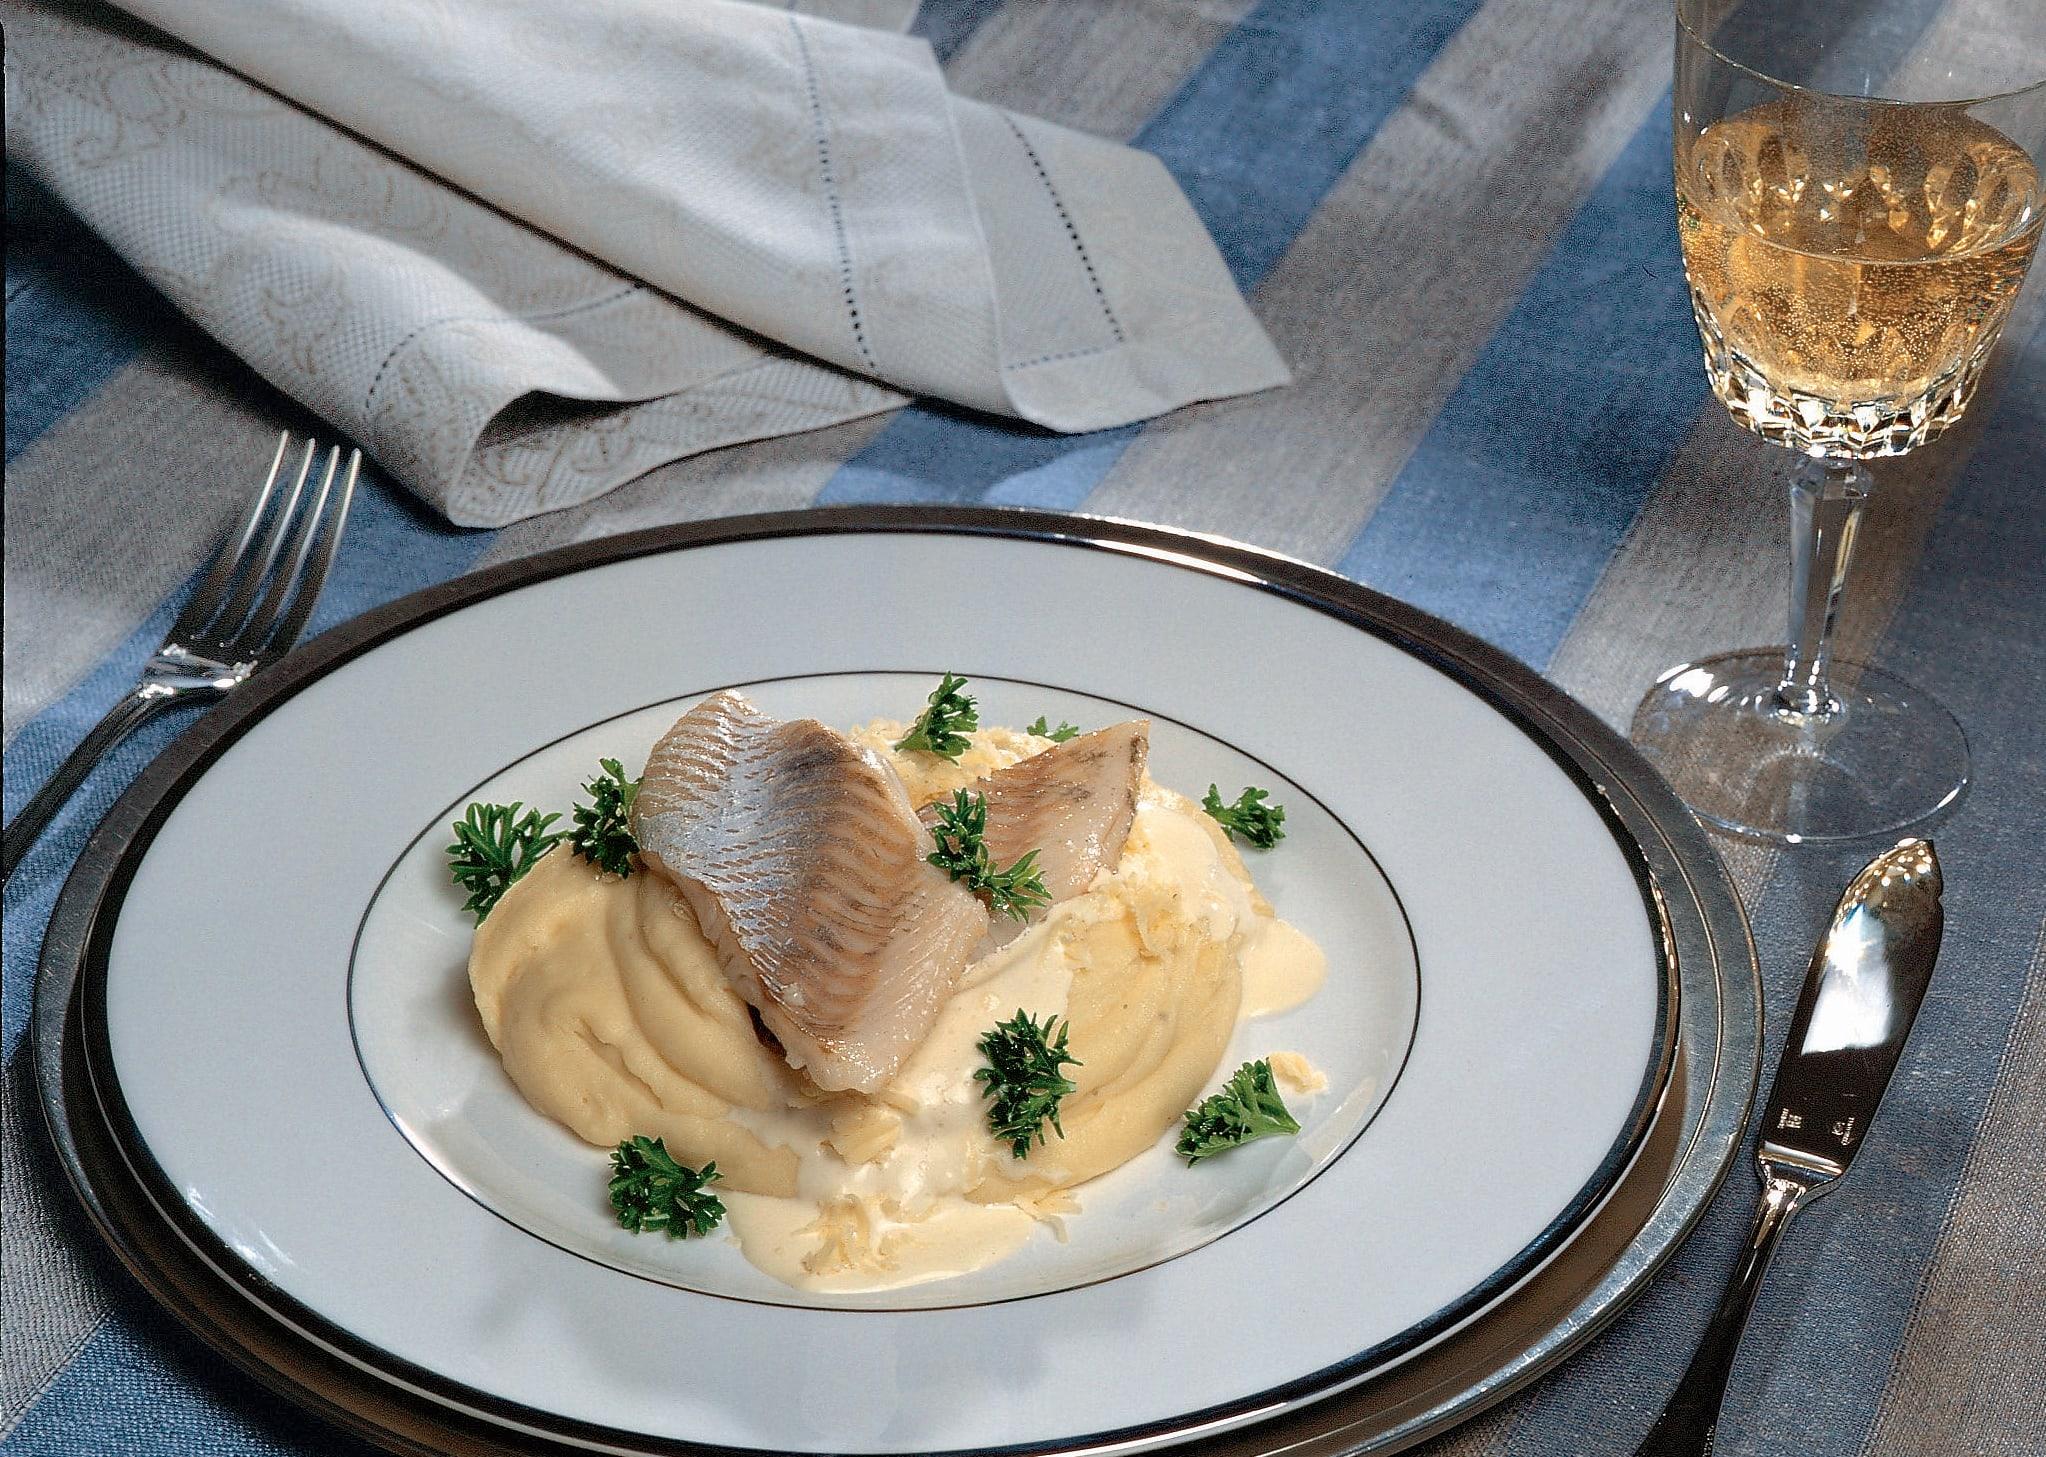 Au gril Filets de sandre au fromage d'alpage de Gstaad